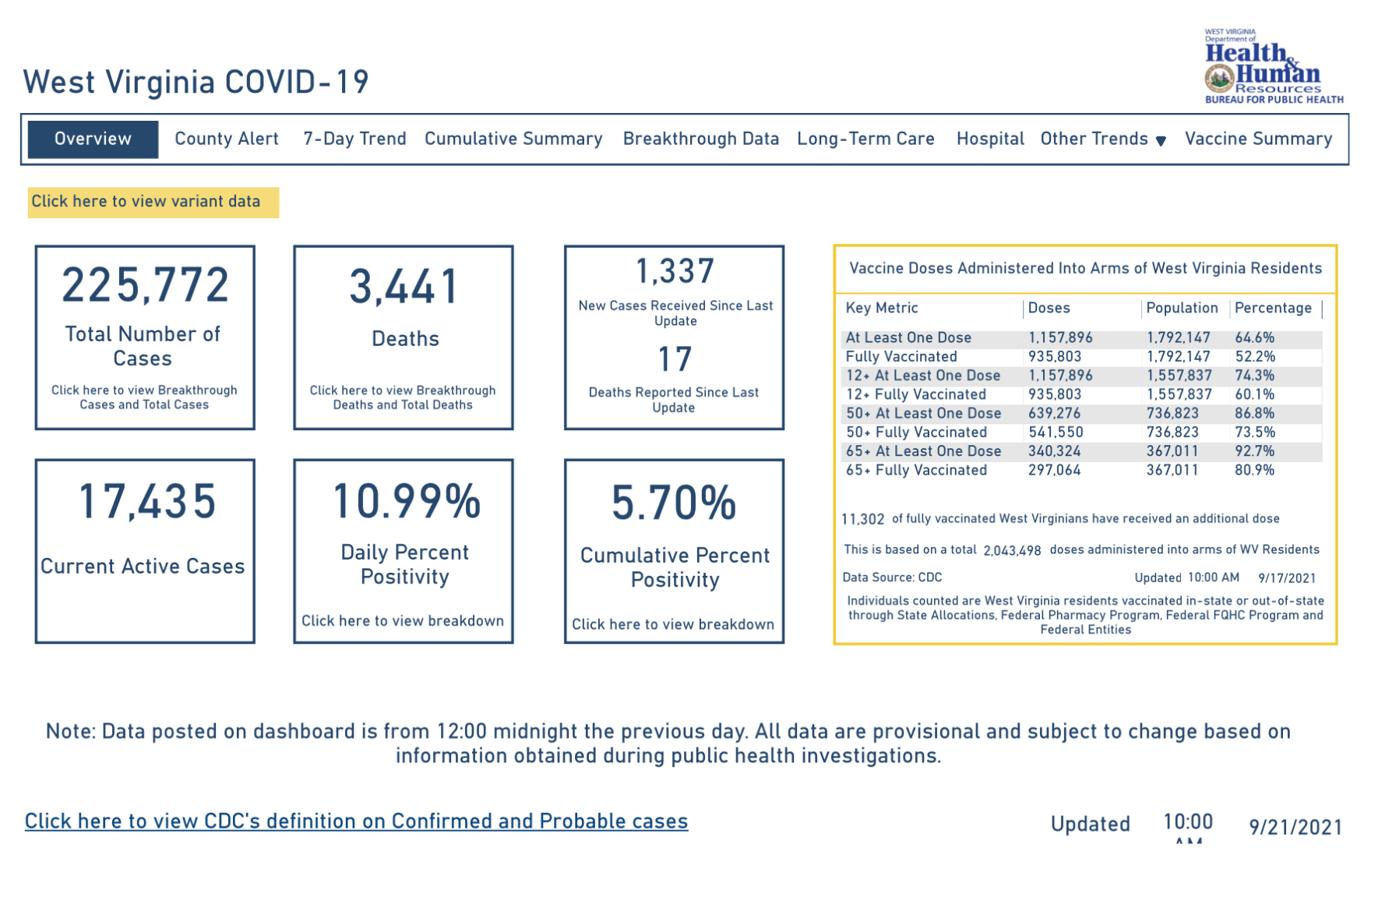 West Virginia COVID-19 Dashboard, 9-21-2021